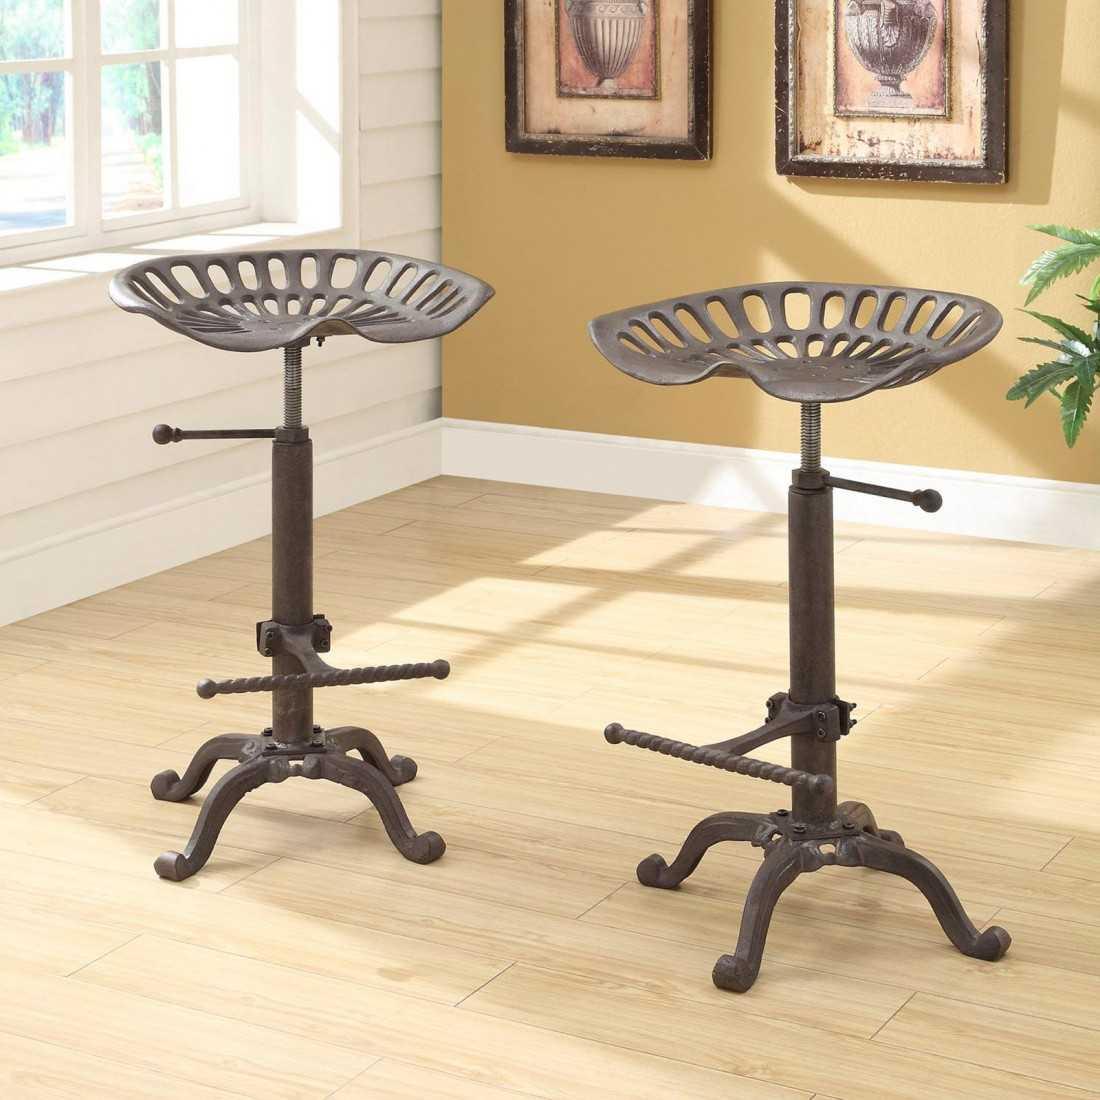 Барные стулья - металлические, деревянные, пластиковые варианты и модели из комбинированных материалов (88 фото)